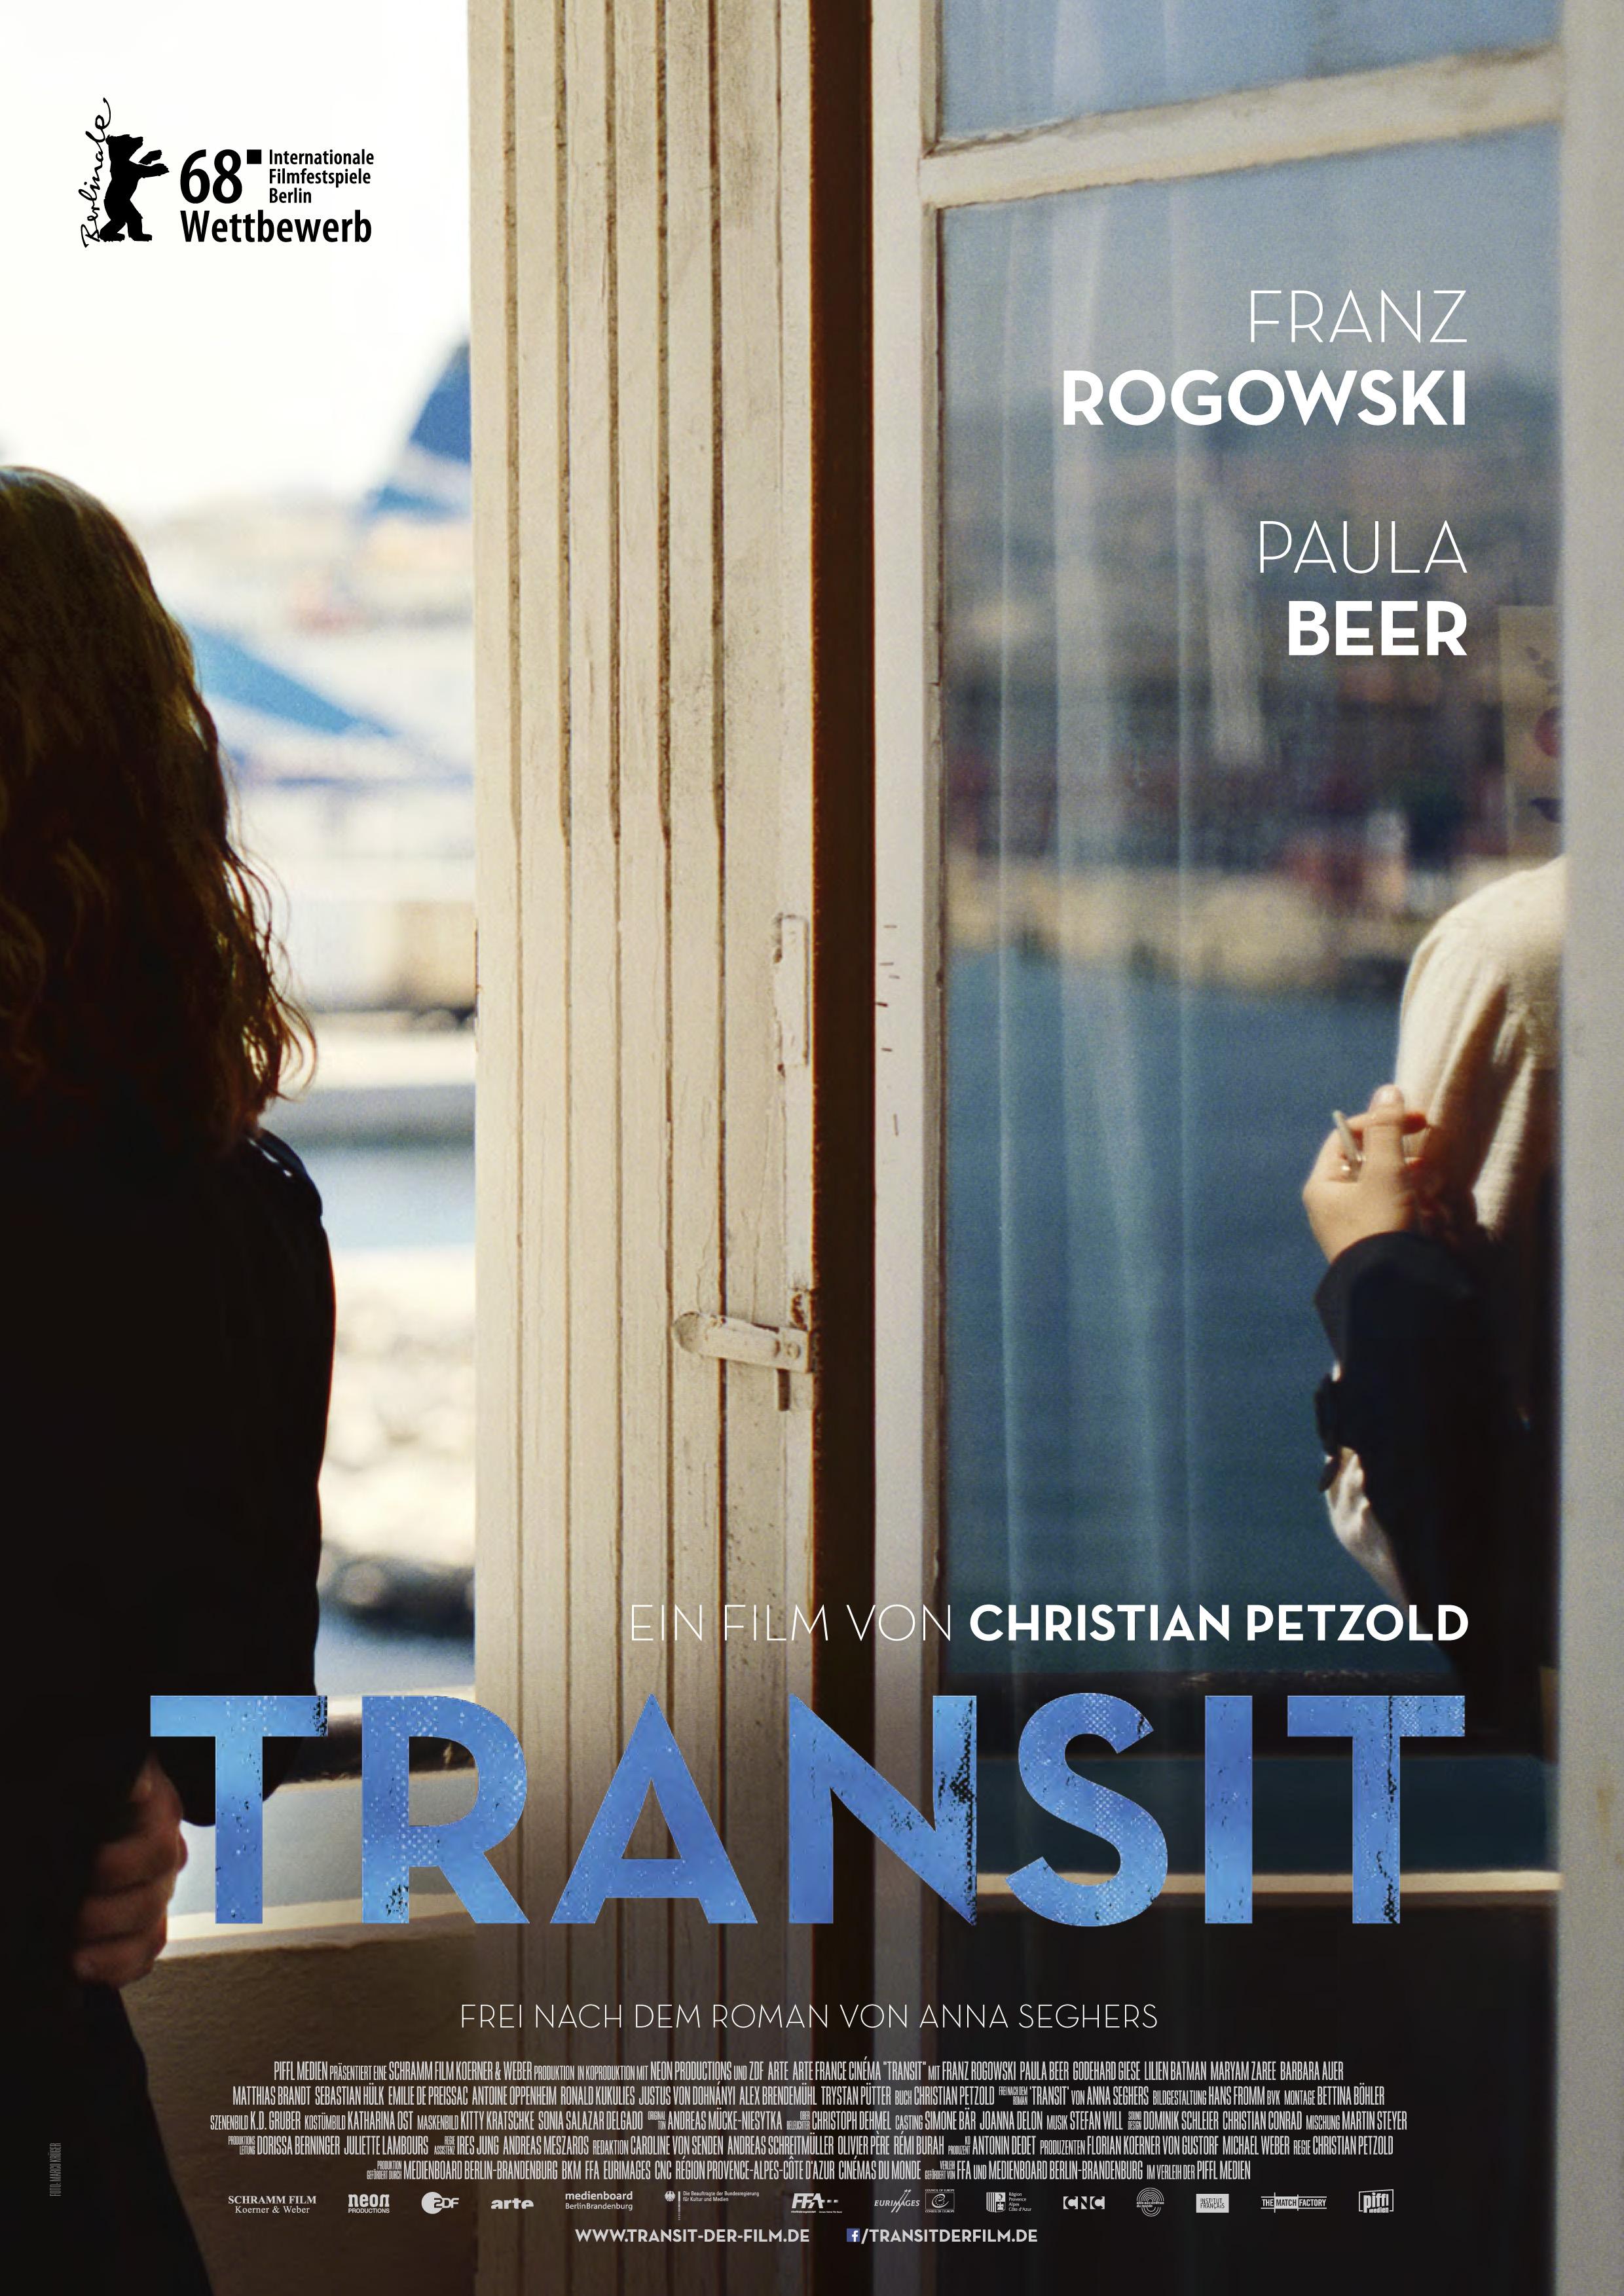 Transit film poster